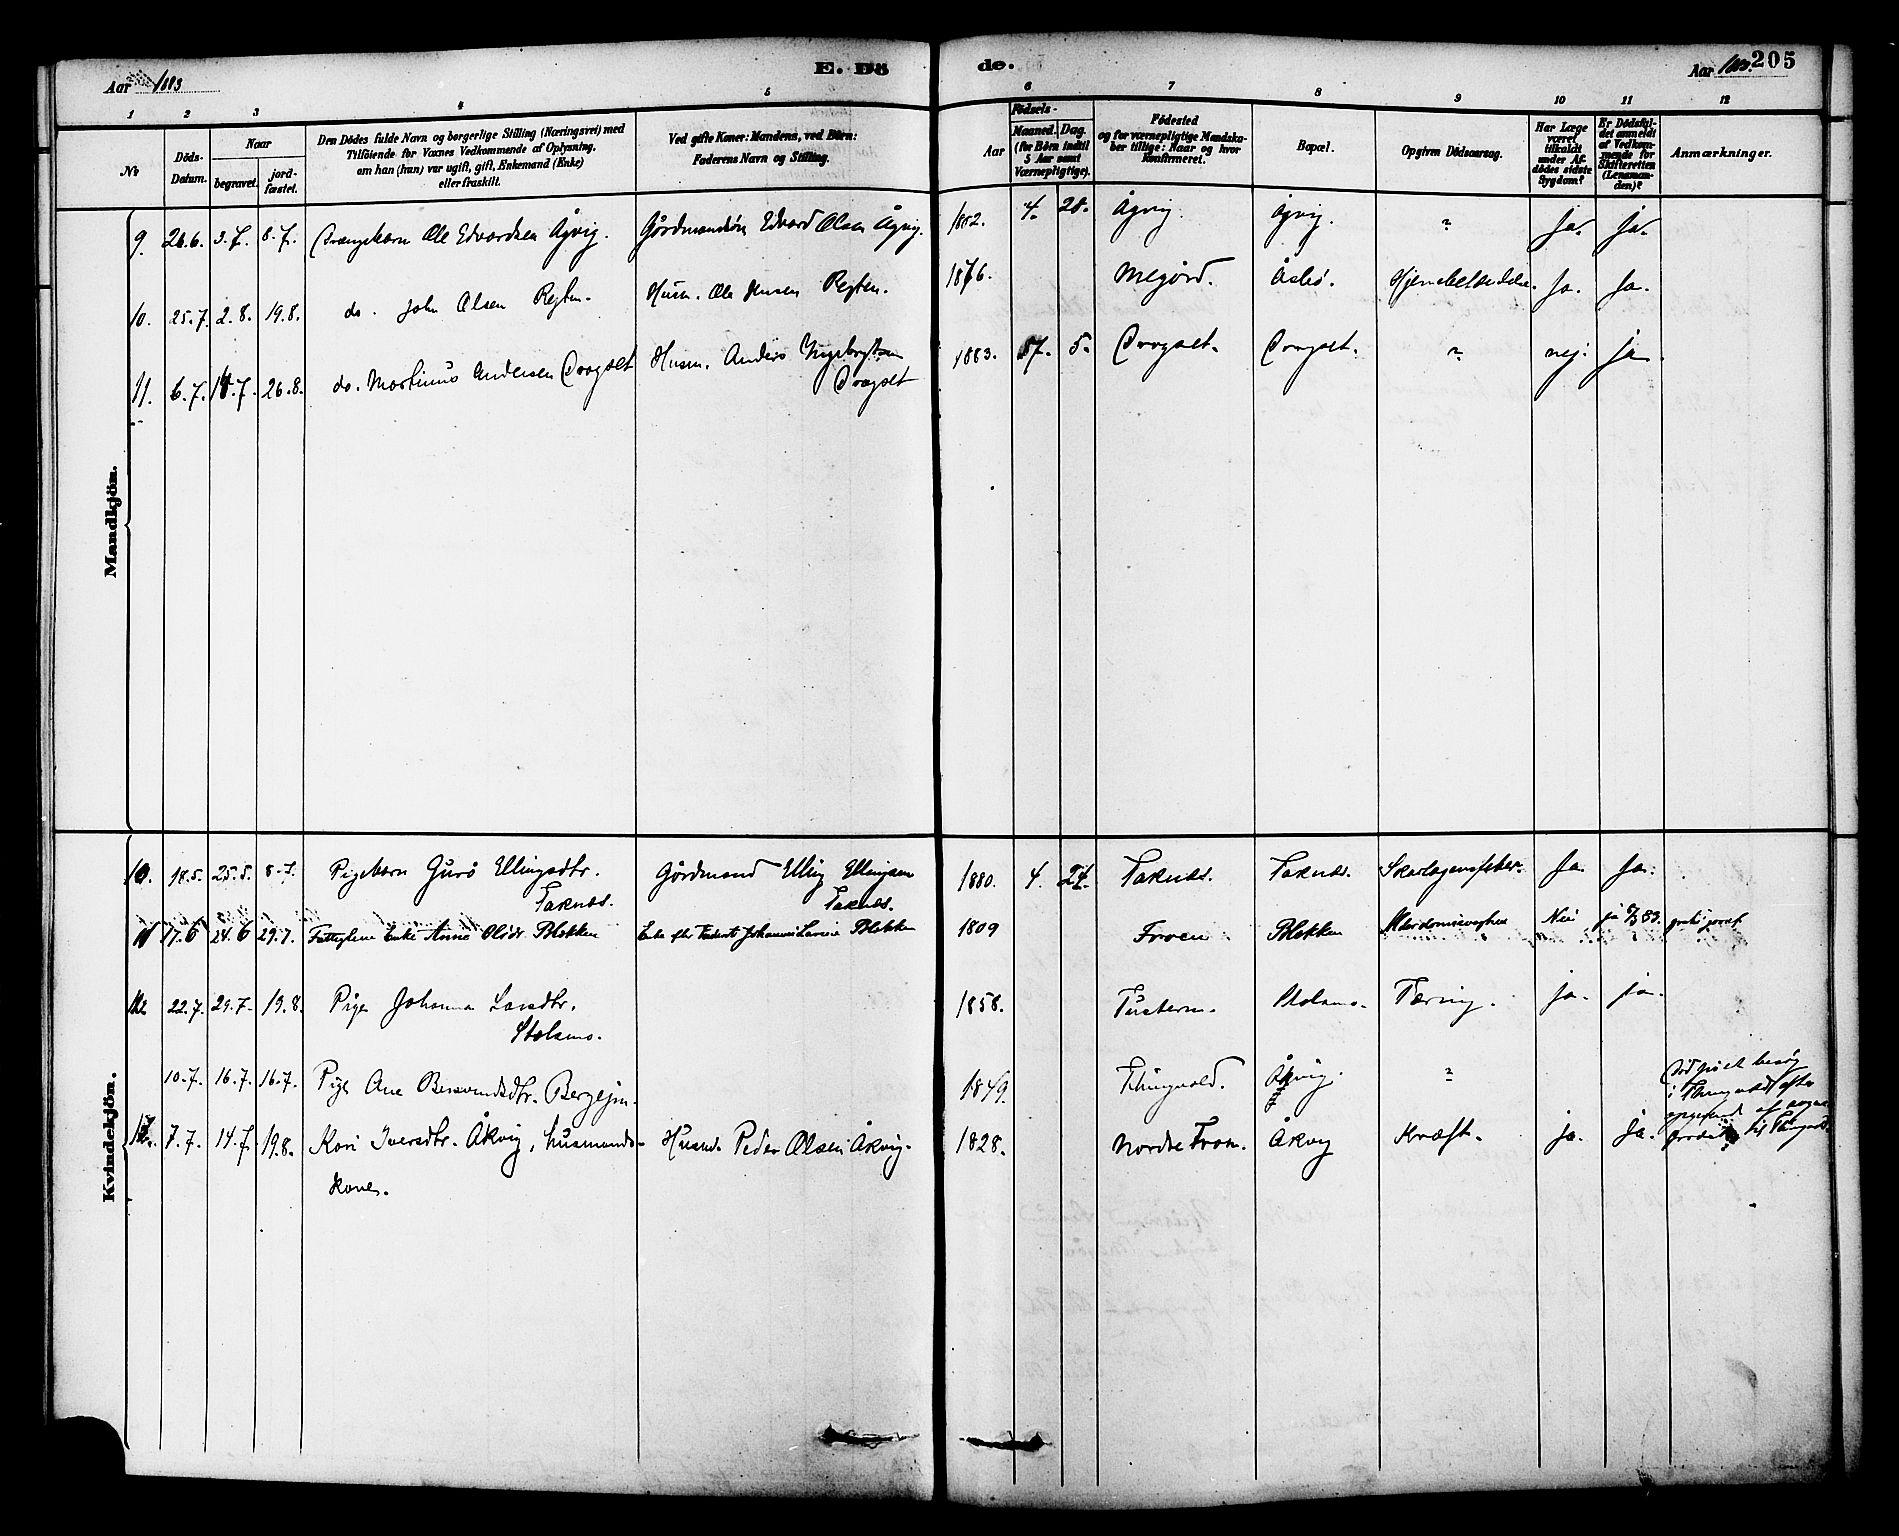 SAT, Ministerialprotokoller, klokkerbøker og fødselsregistre - Møre og Romsdal, 576/L0885: Ministerialbok nr. 576A03, 1880-1898, s. 205